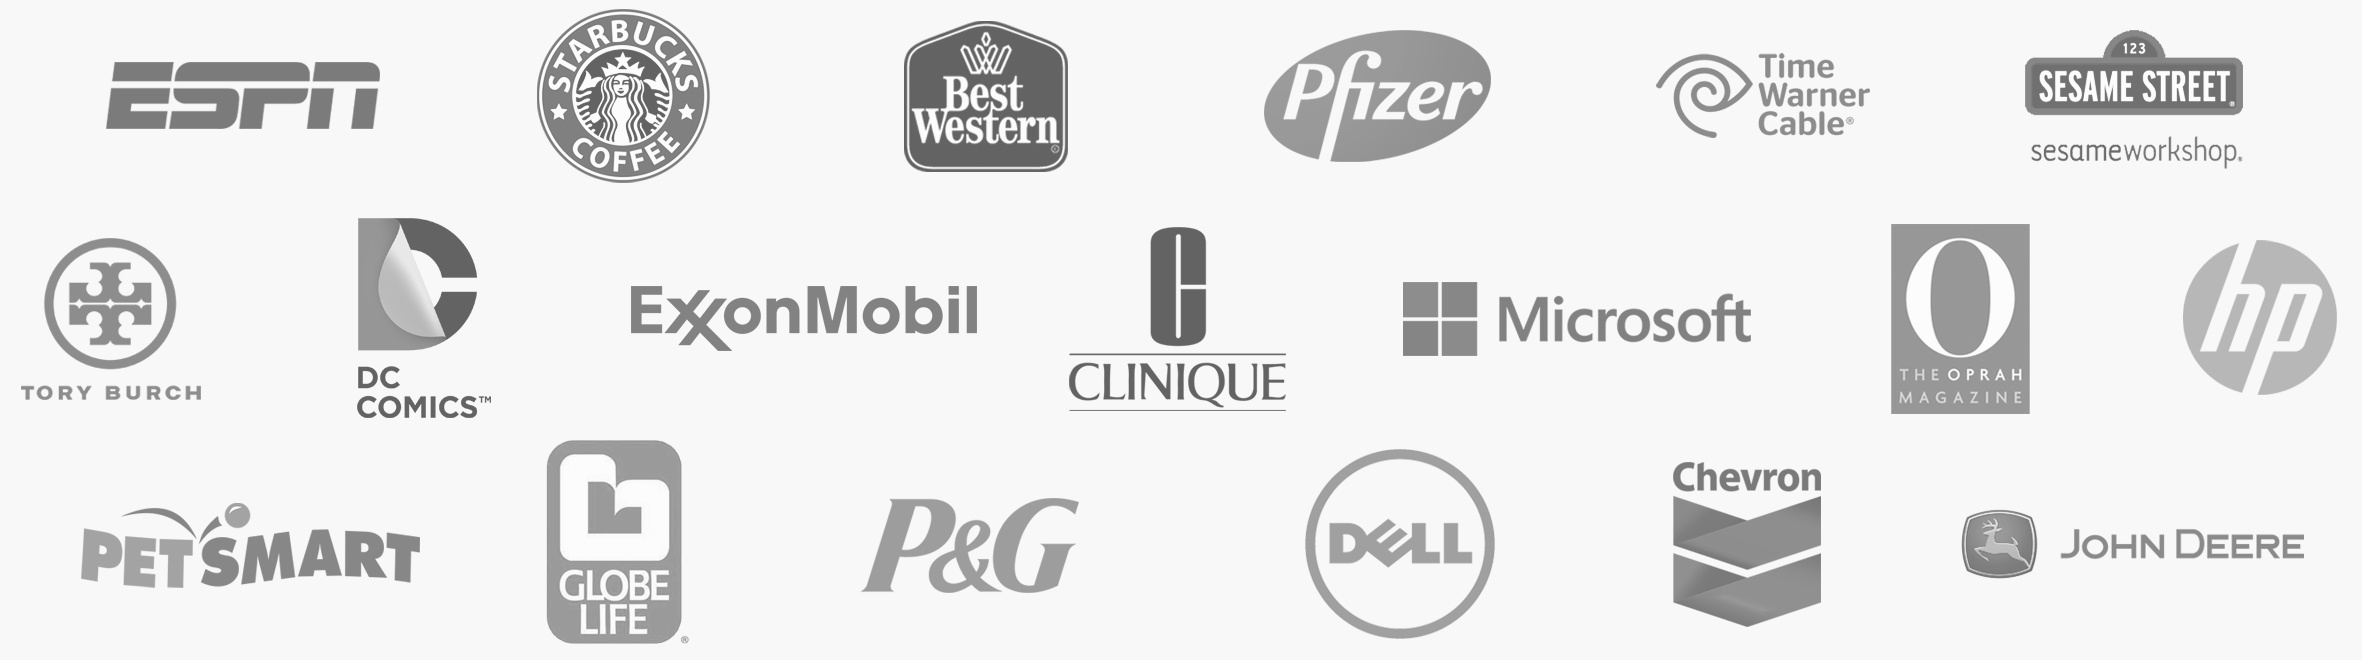 client-logos-off-white.jpg